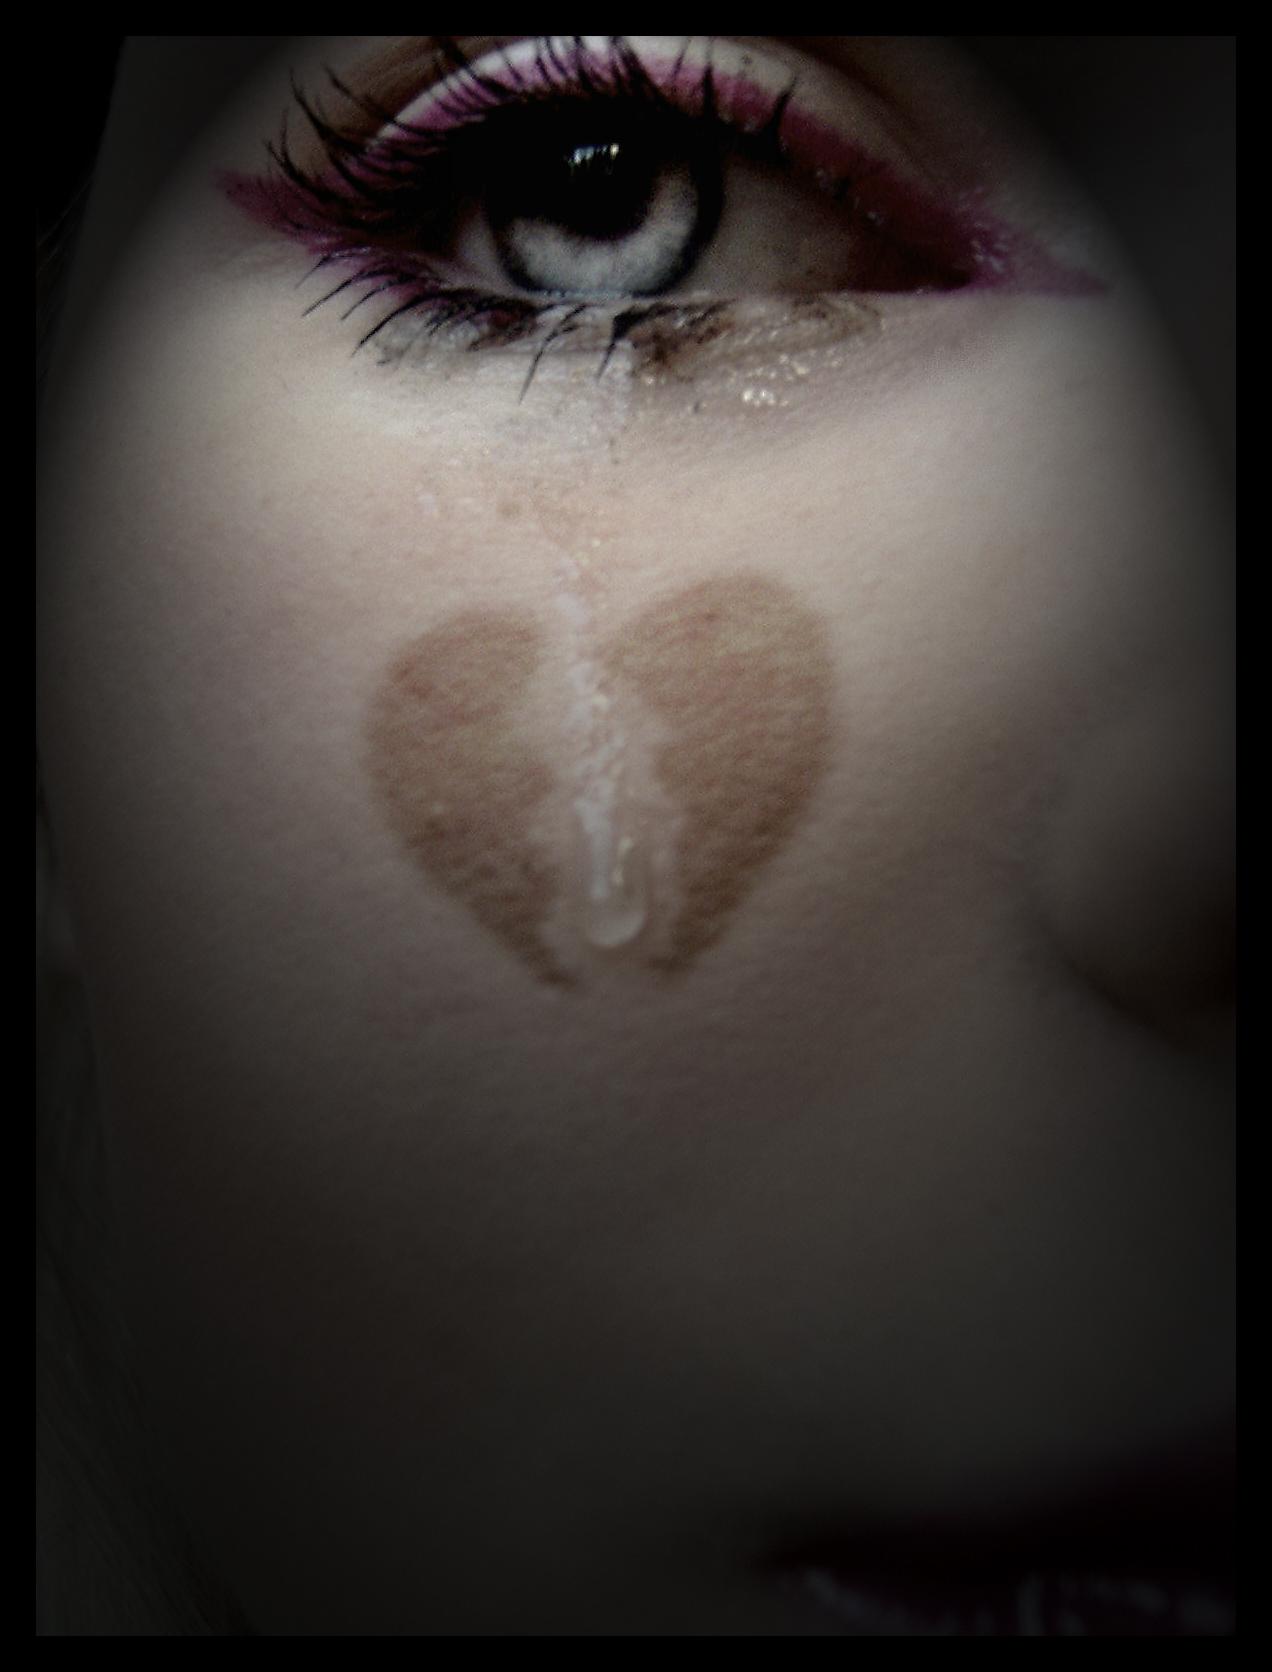 Tears_Lead_To_A_Broken_Heart_by_rejectedangel18